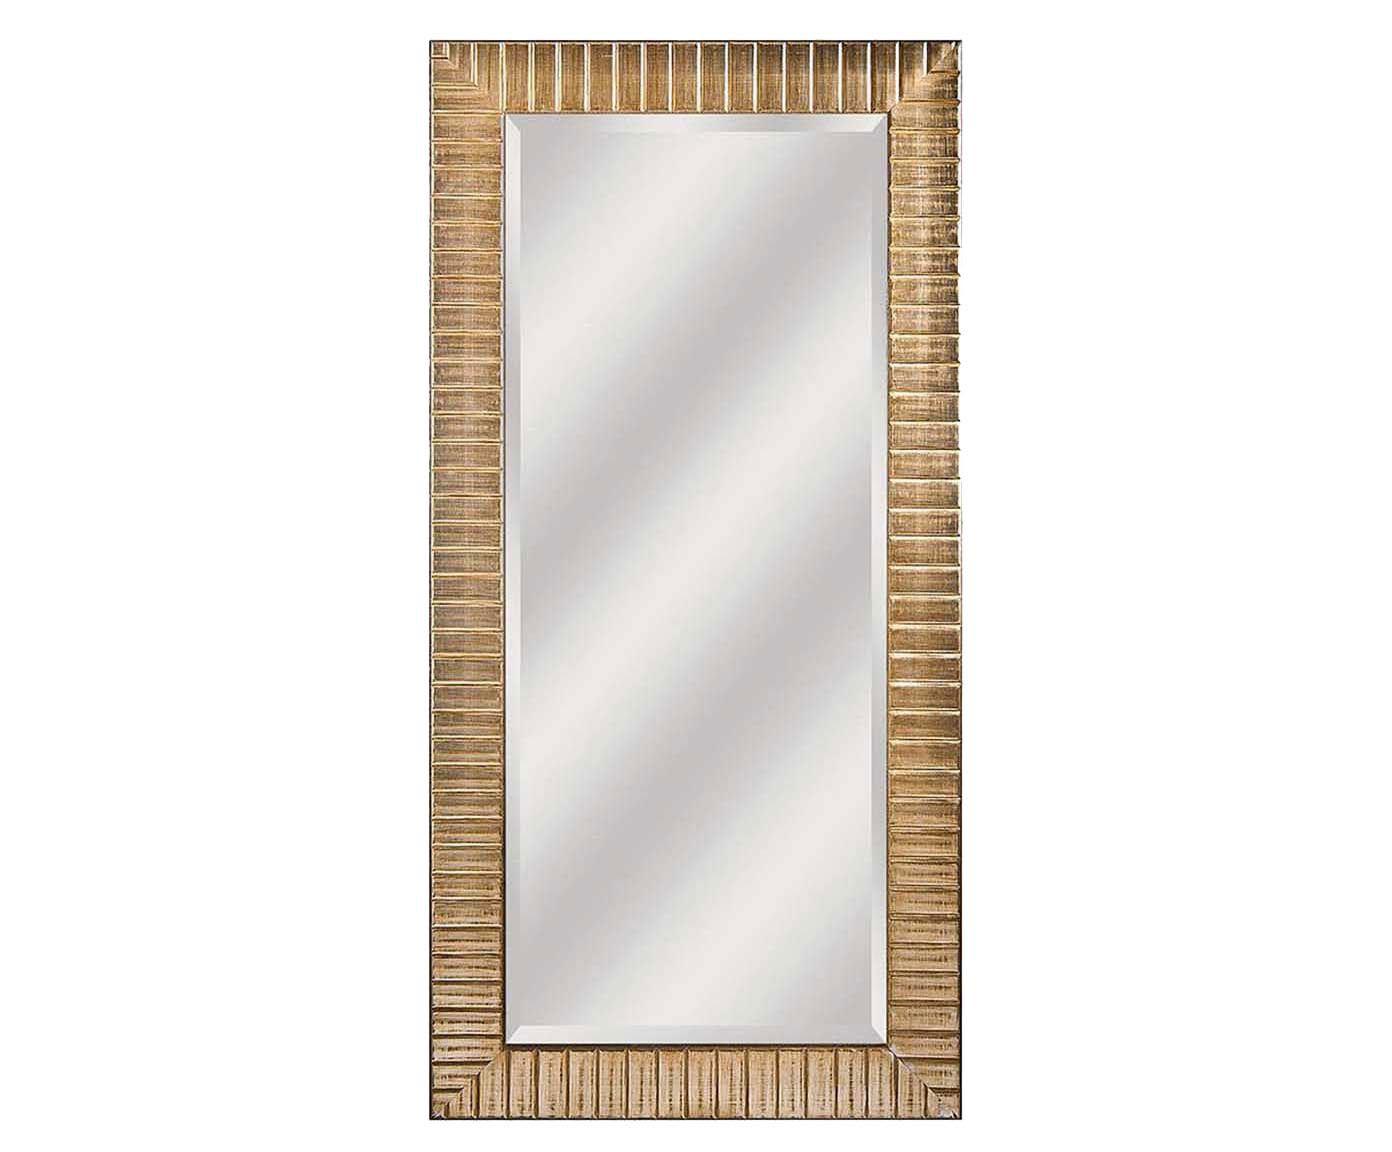 Espelho fradine - 83x173cm | Westwing.com.br